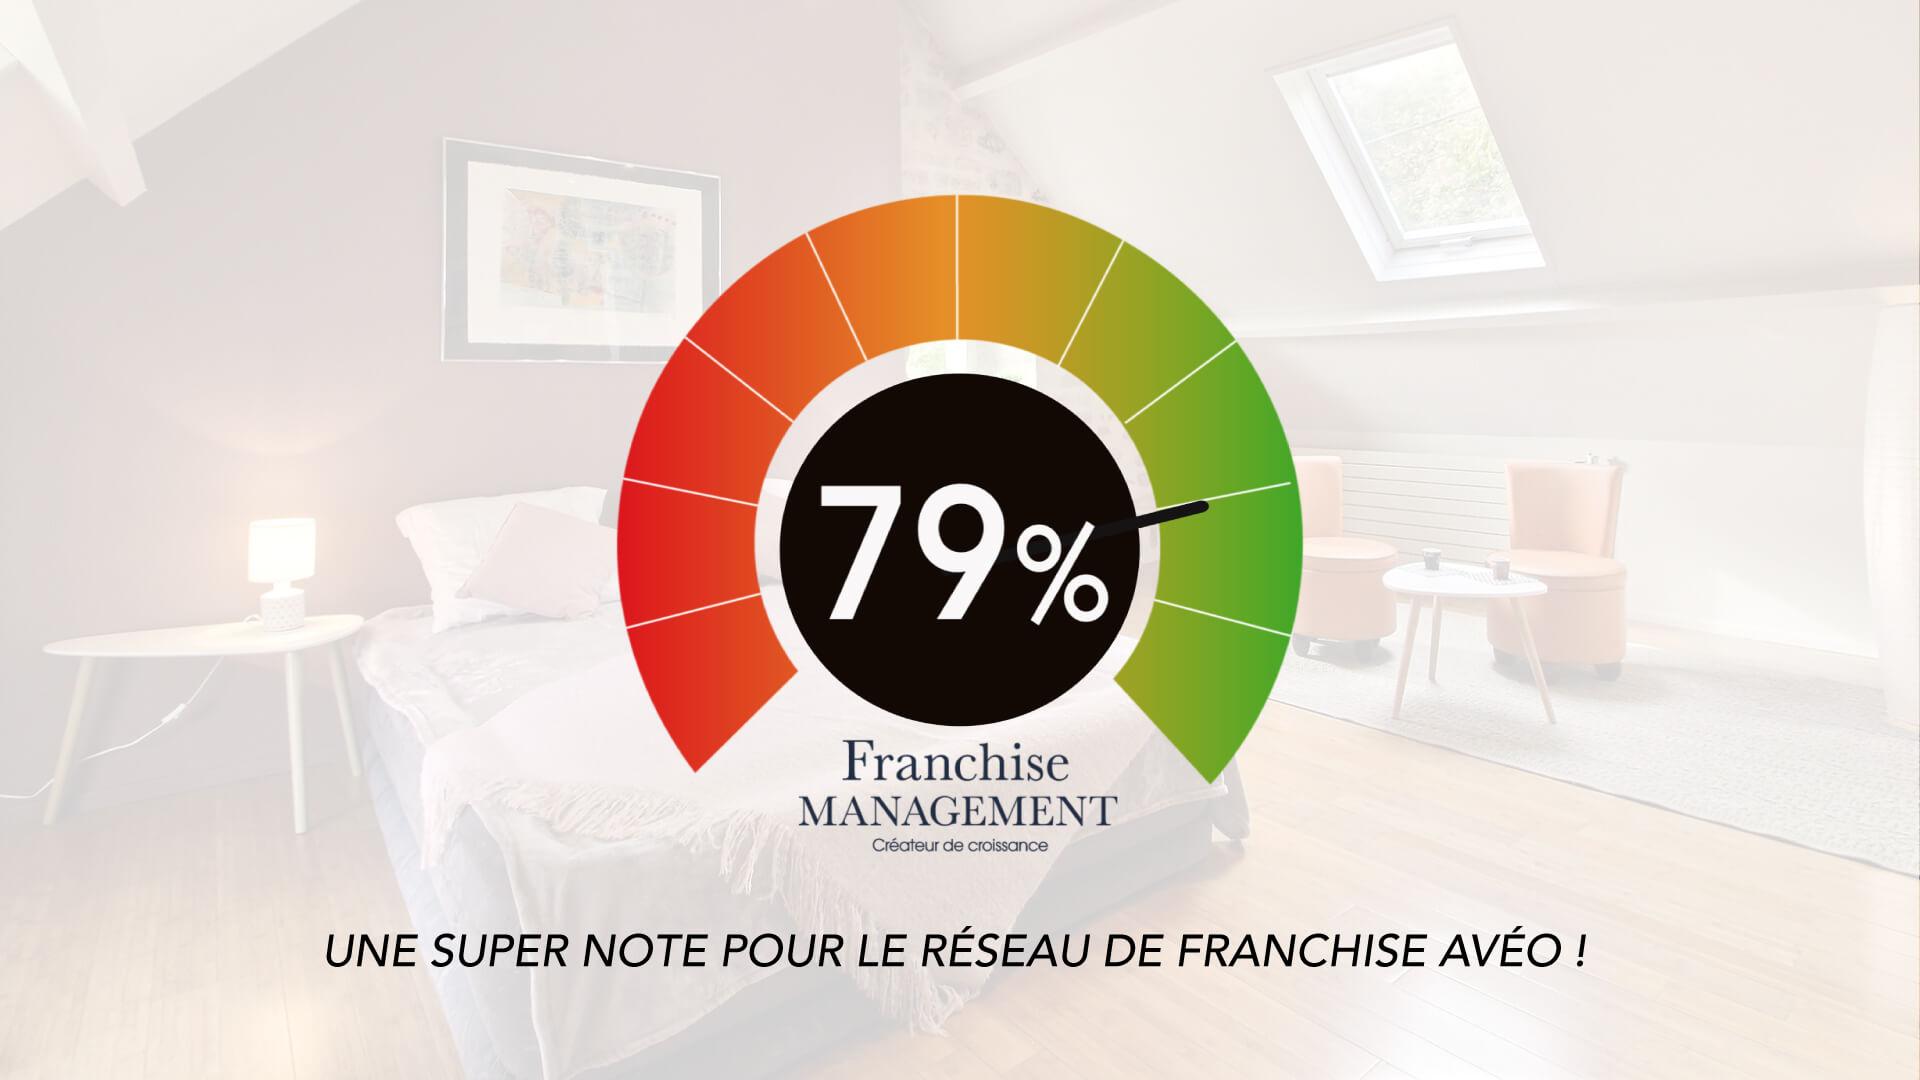 Franchise-Management-Avéo